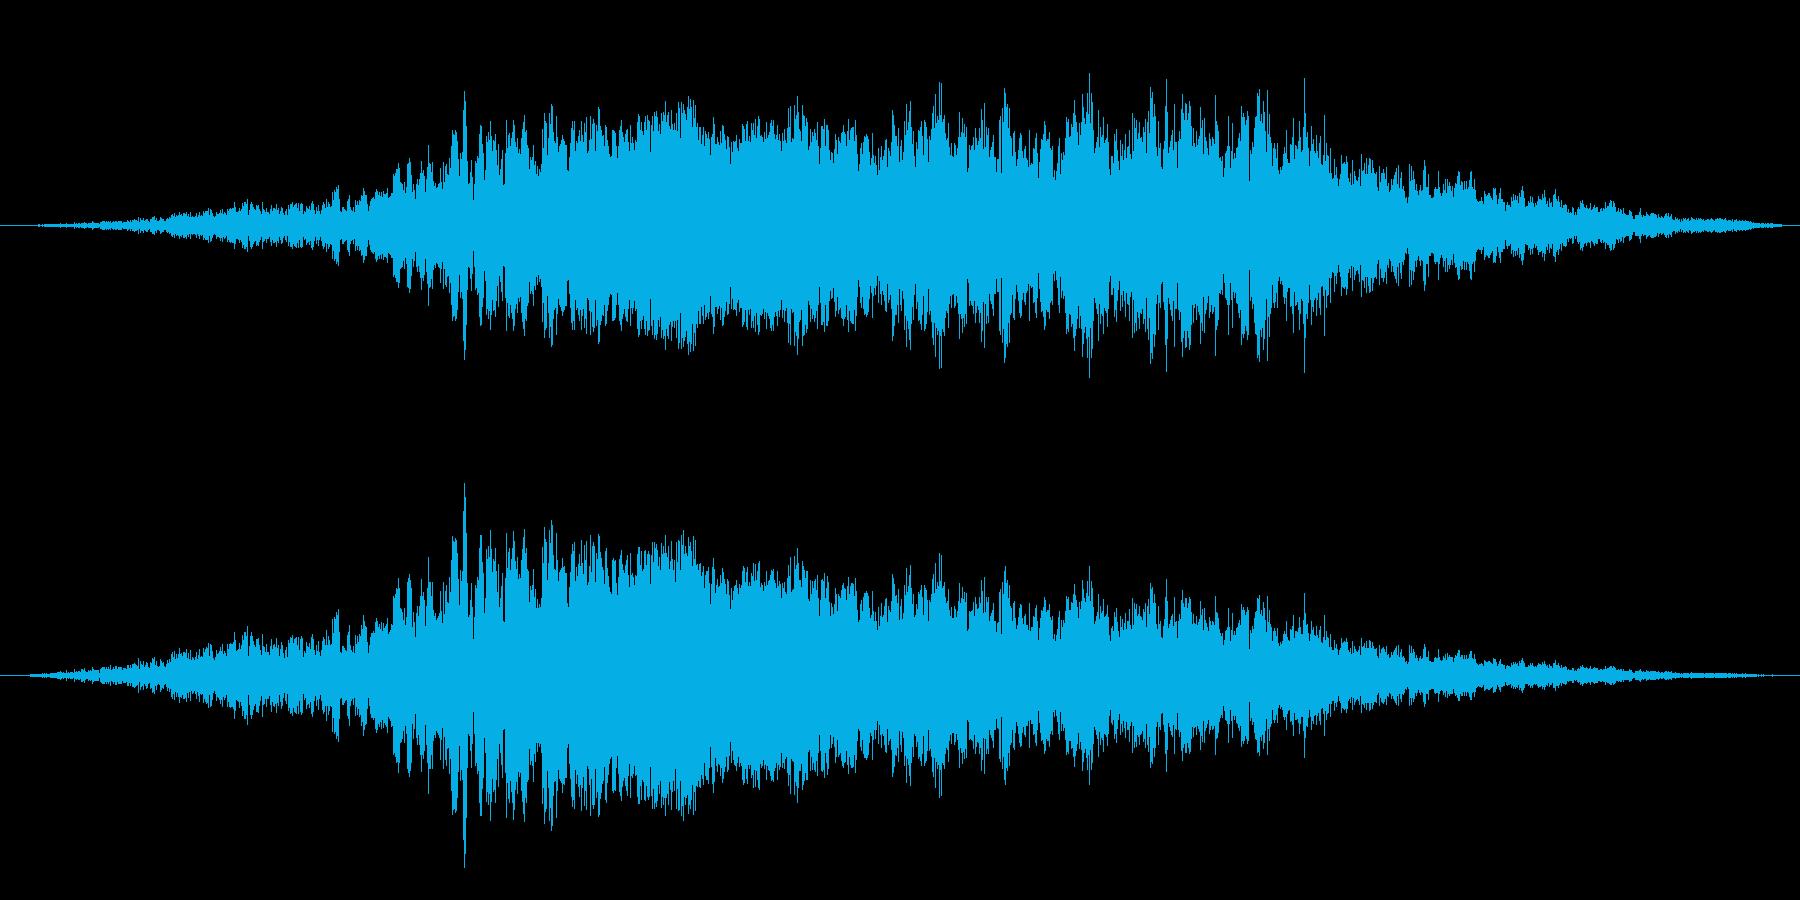 【レース08】ド迫力のF1のエンジン音!の再生済みの波形